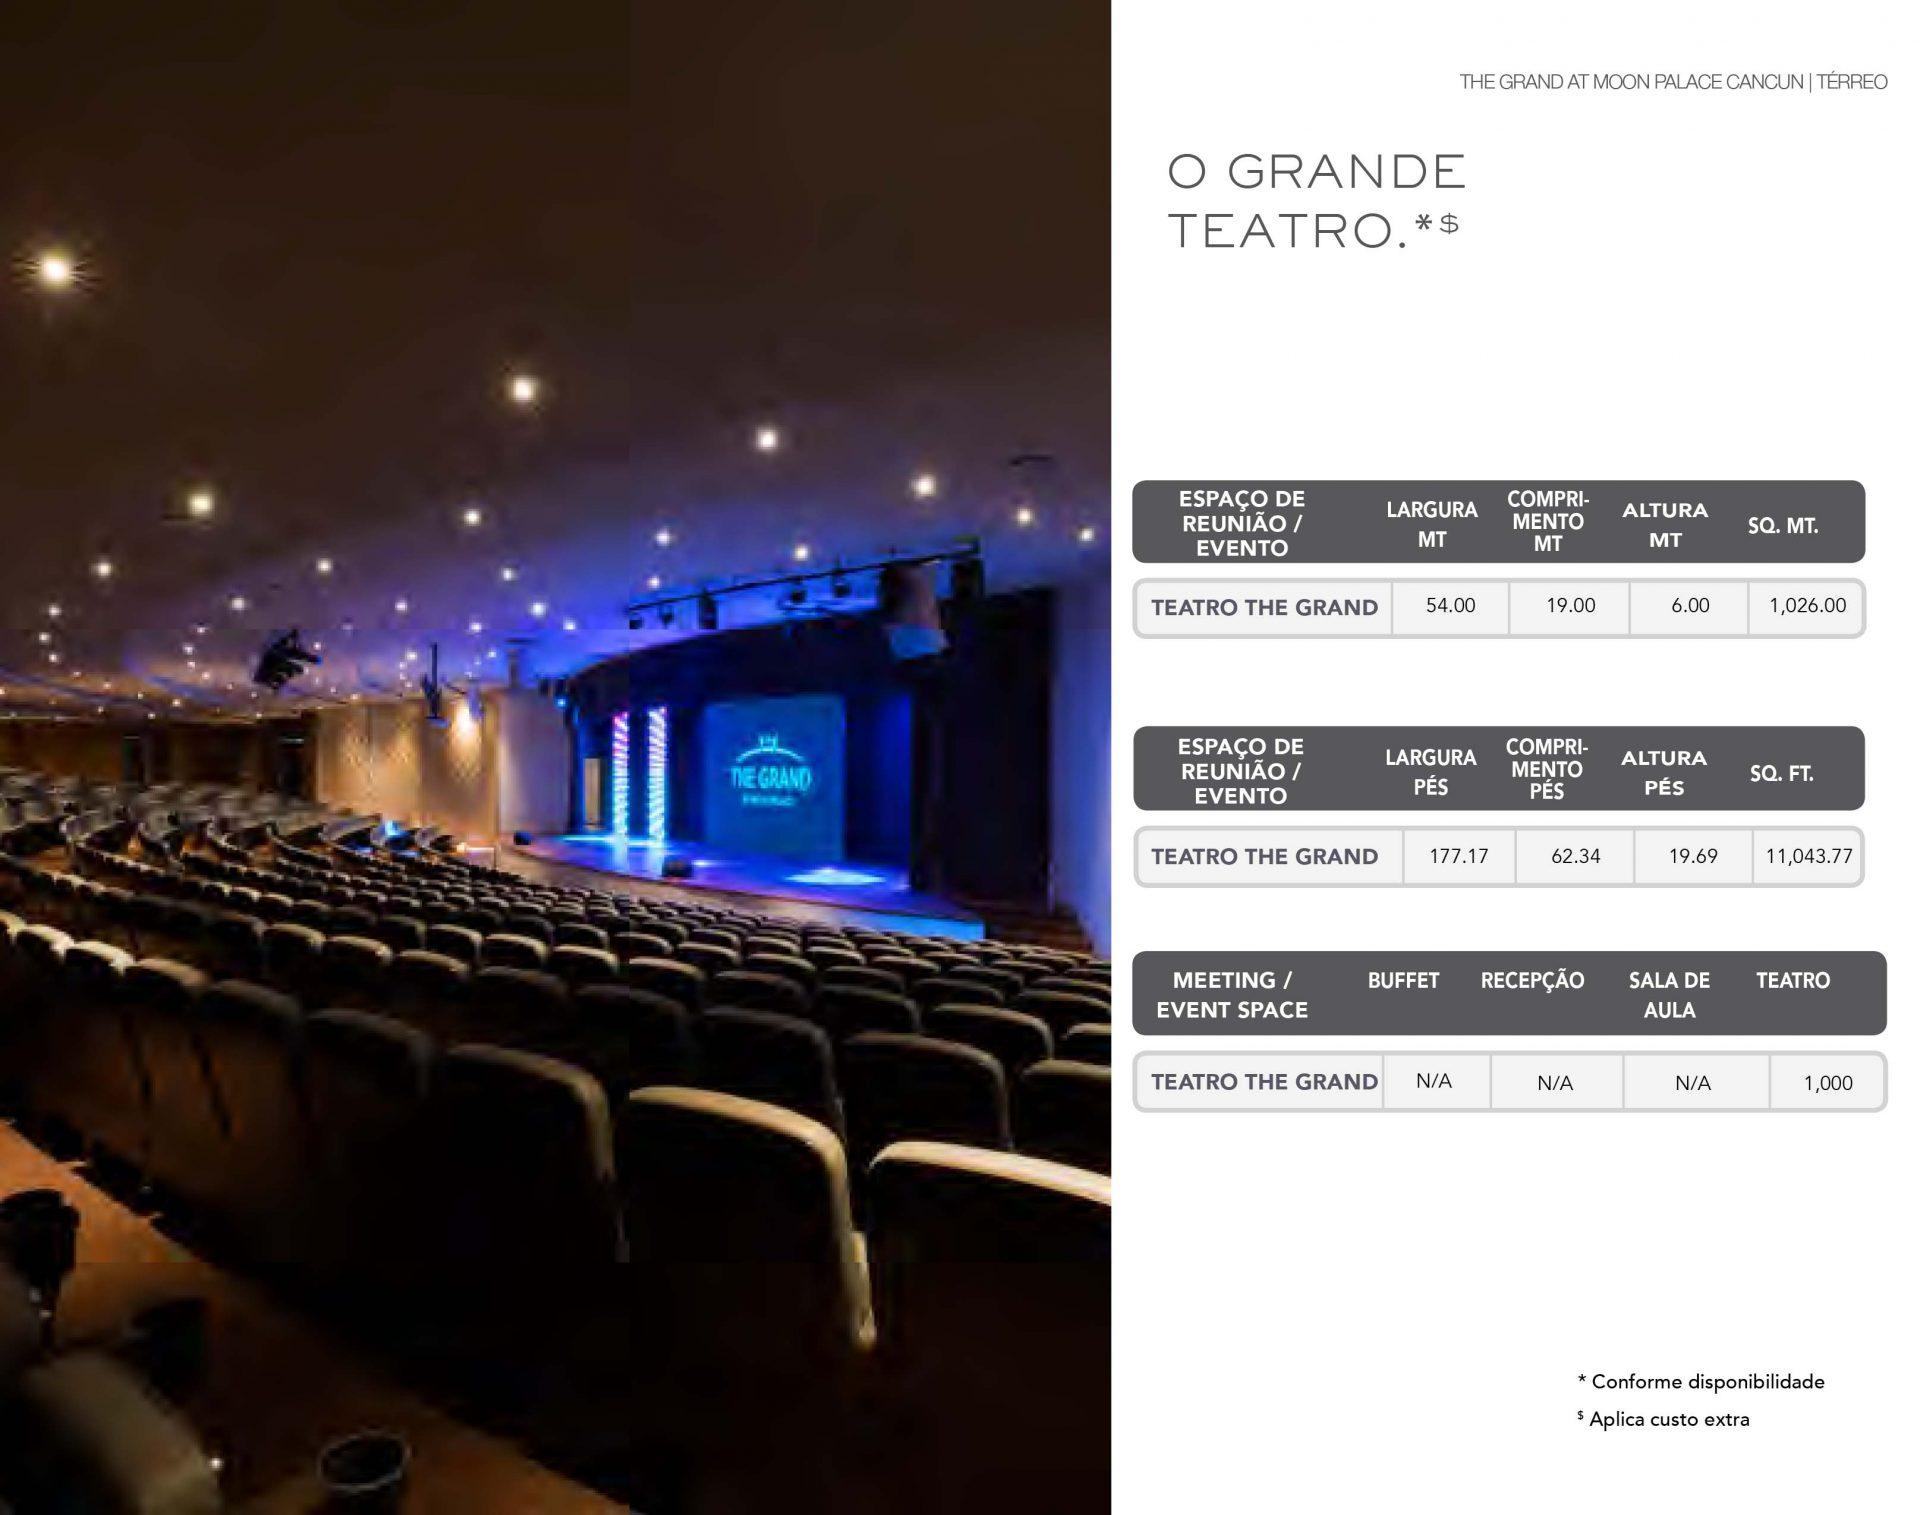 Informações técnicas do Grande Teatro do resort